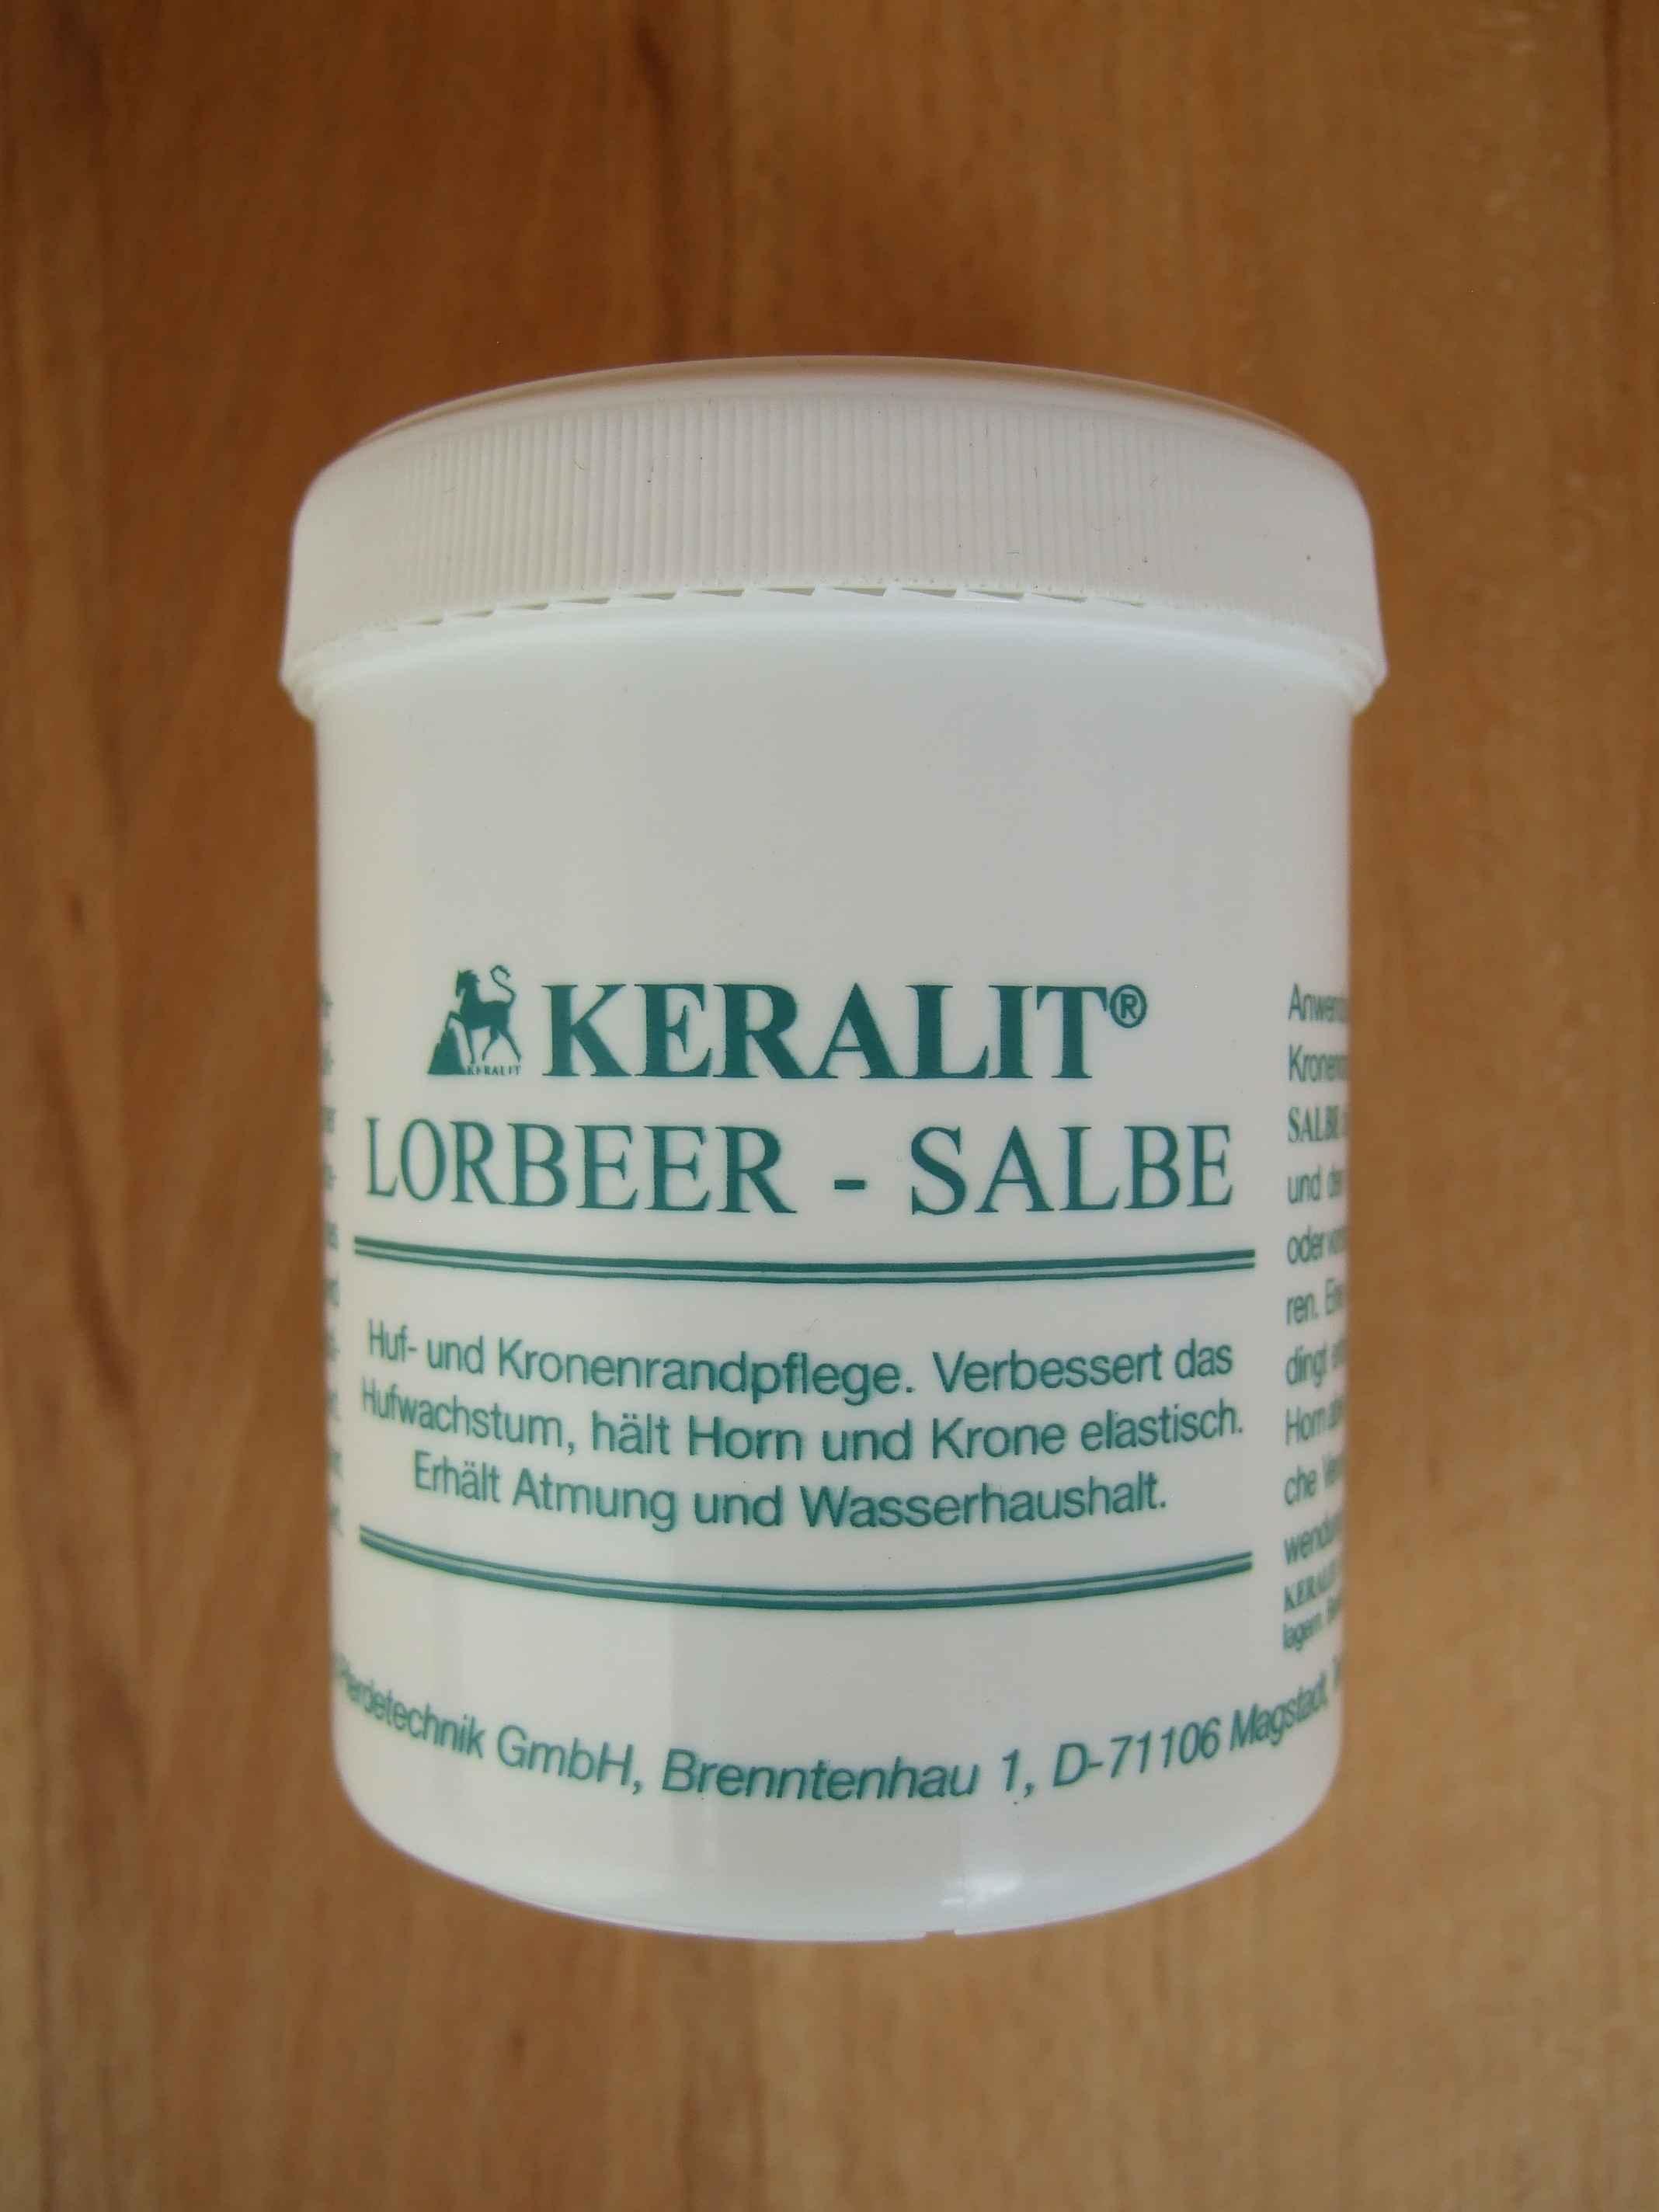 Keralit Lorbeersalbe 300 ml